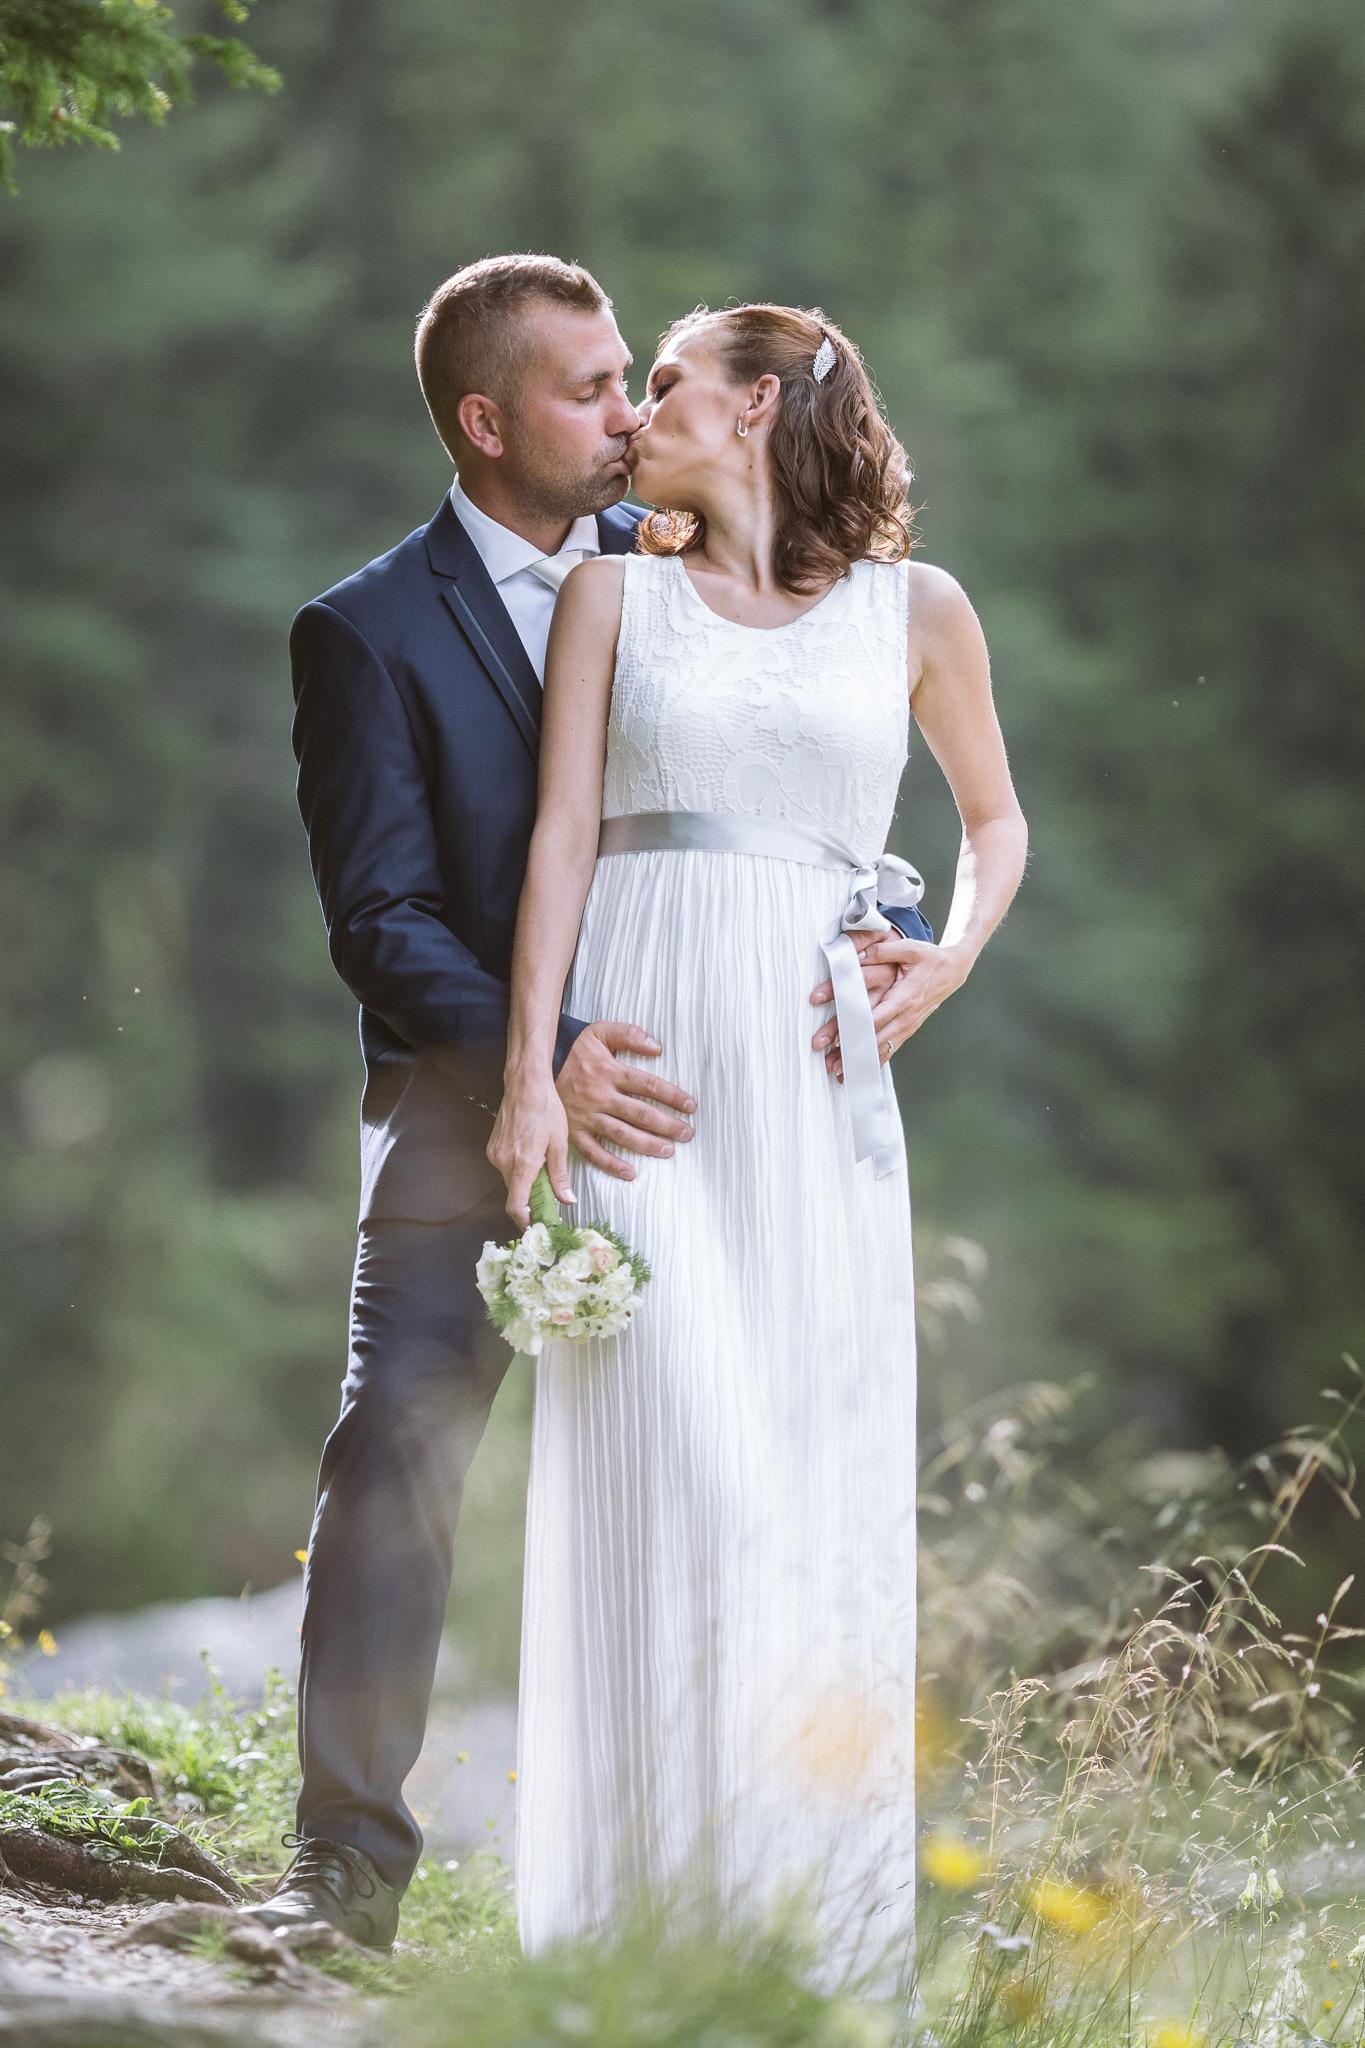 FylepPhoto, esküvőfotózás, magyarország, esküvői fotós, vasmegye, prémium, jegyesfotózás, Fülöp Péter, körmend, kreatív, grüner see_24.jpg